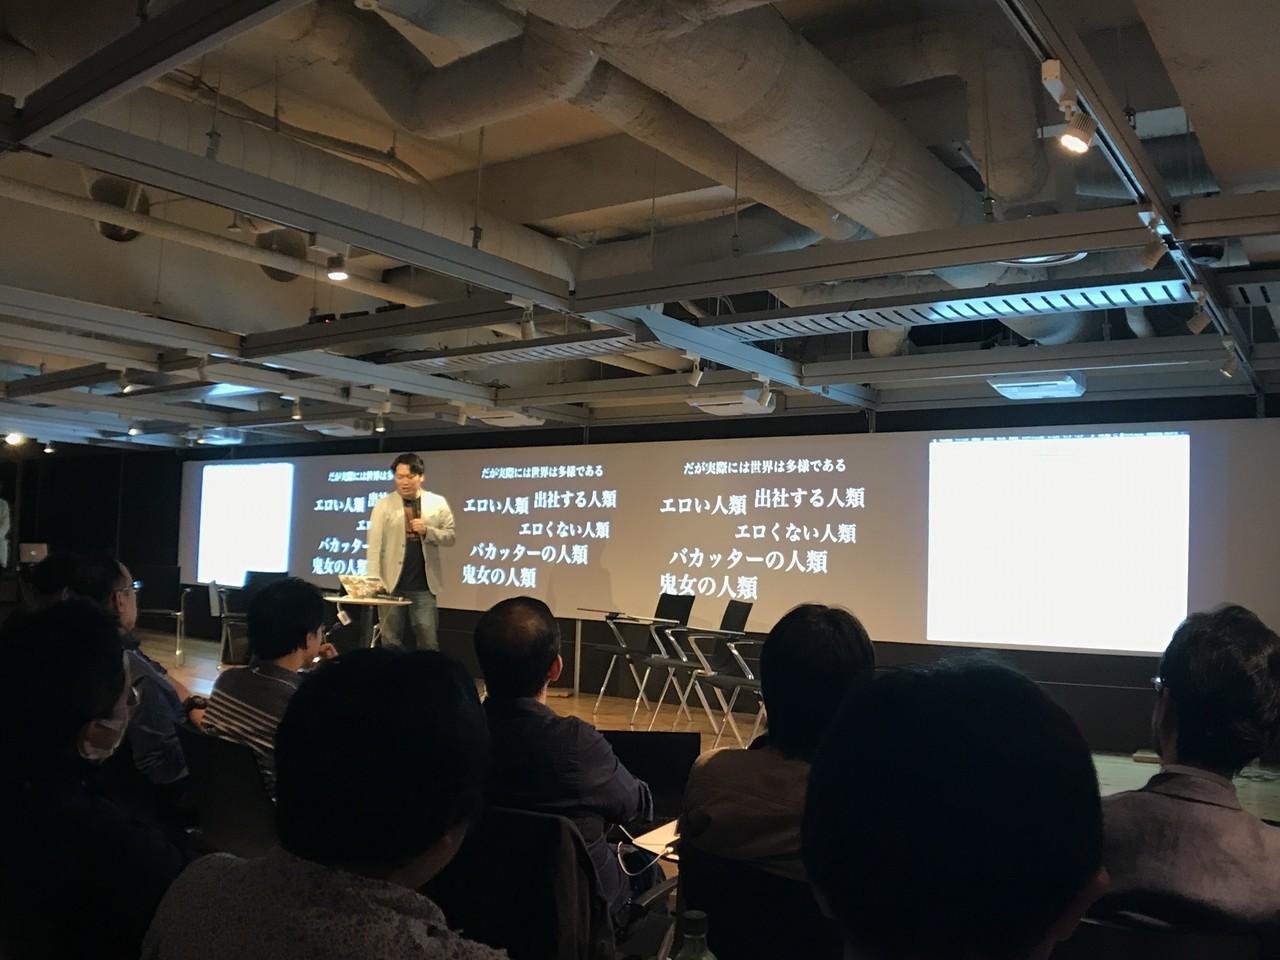 Japonya'daki Mastodon konferansından bir kare